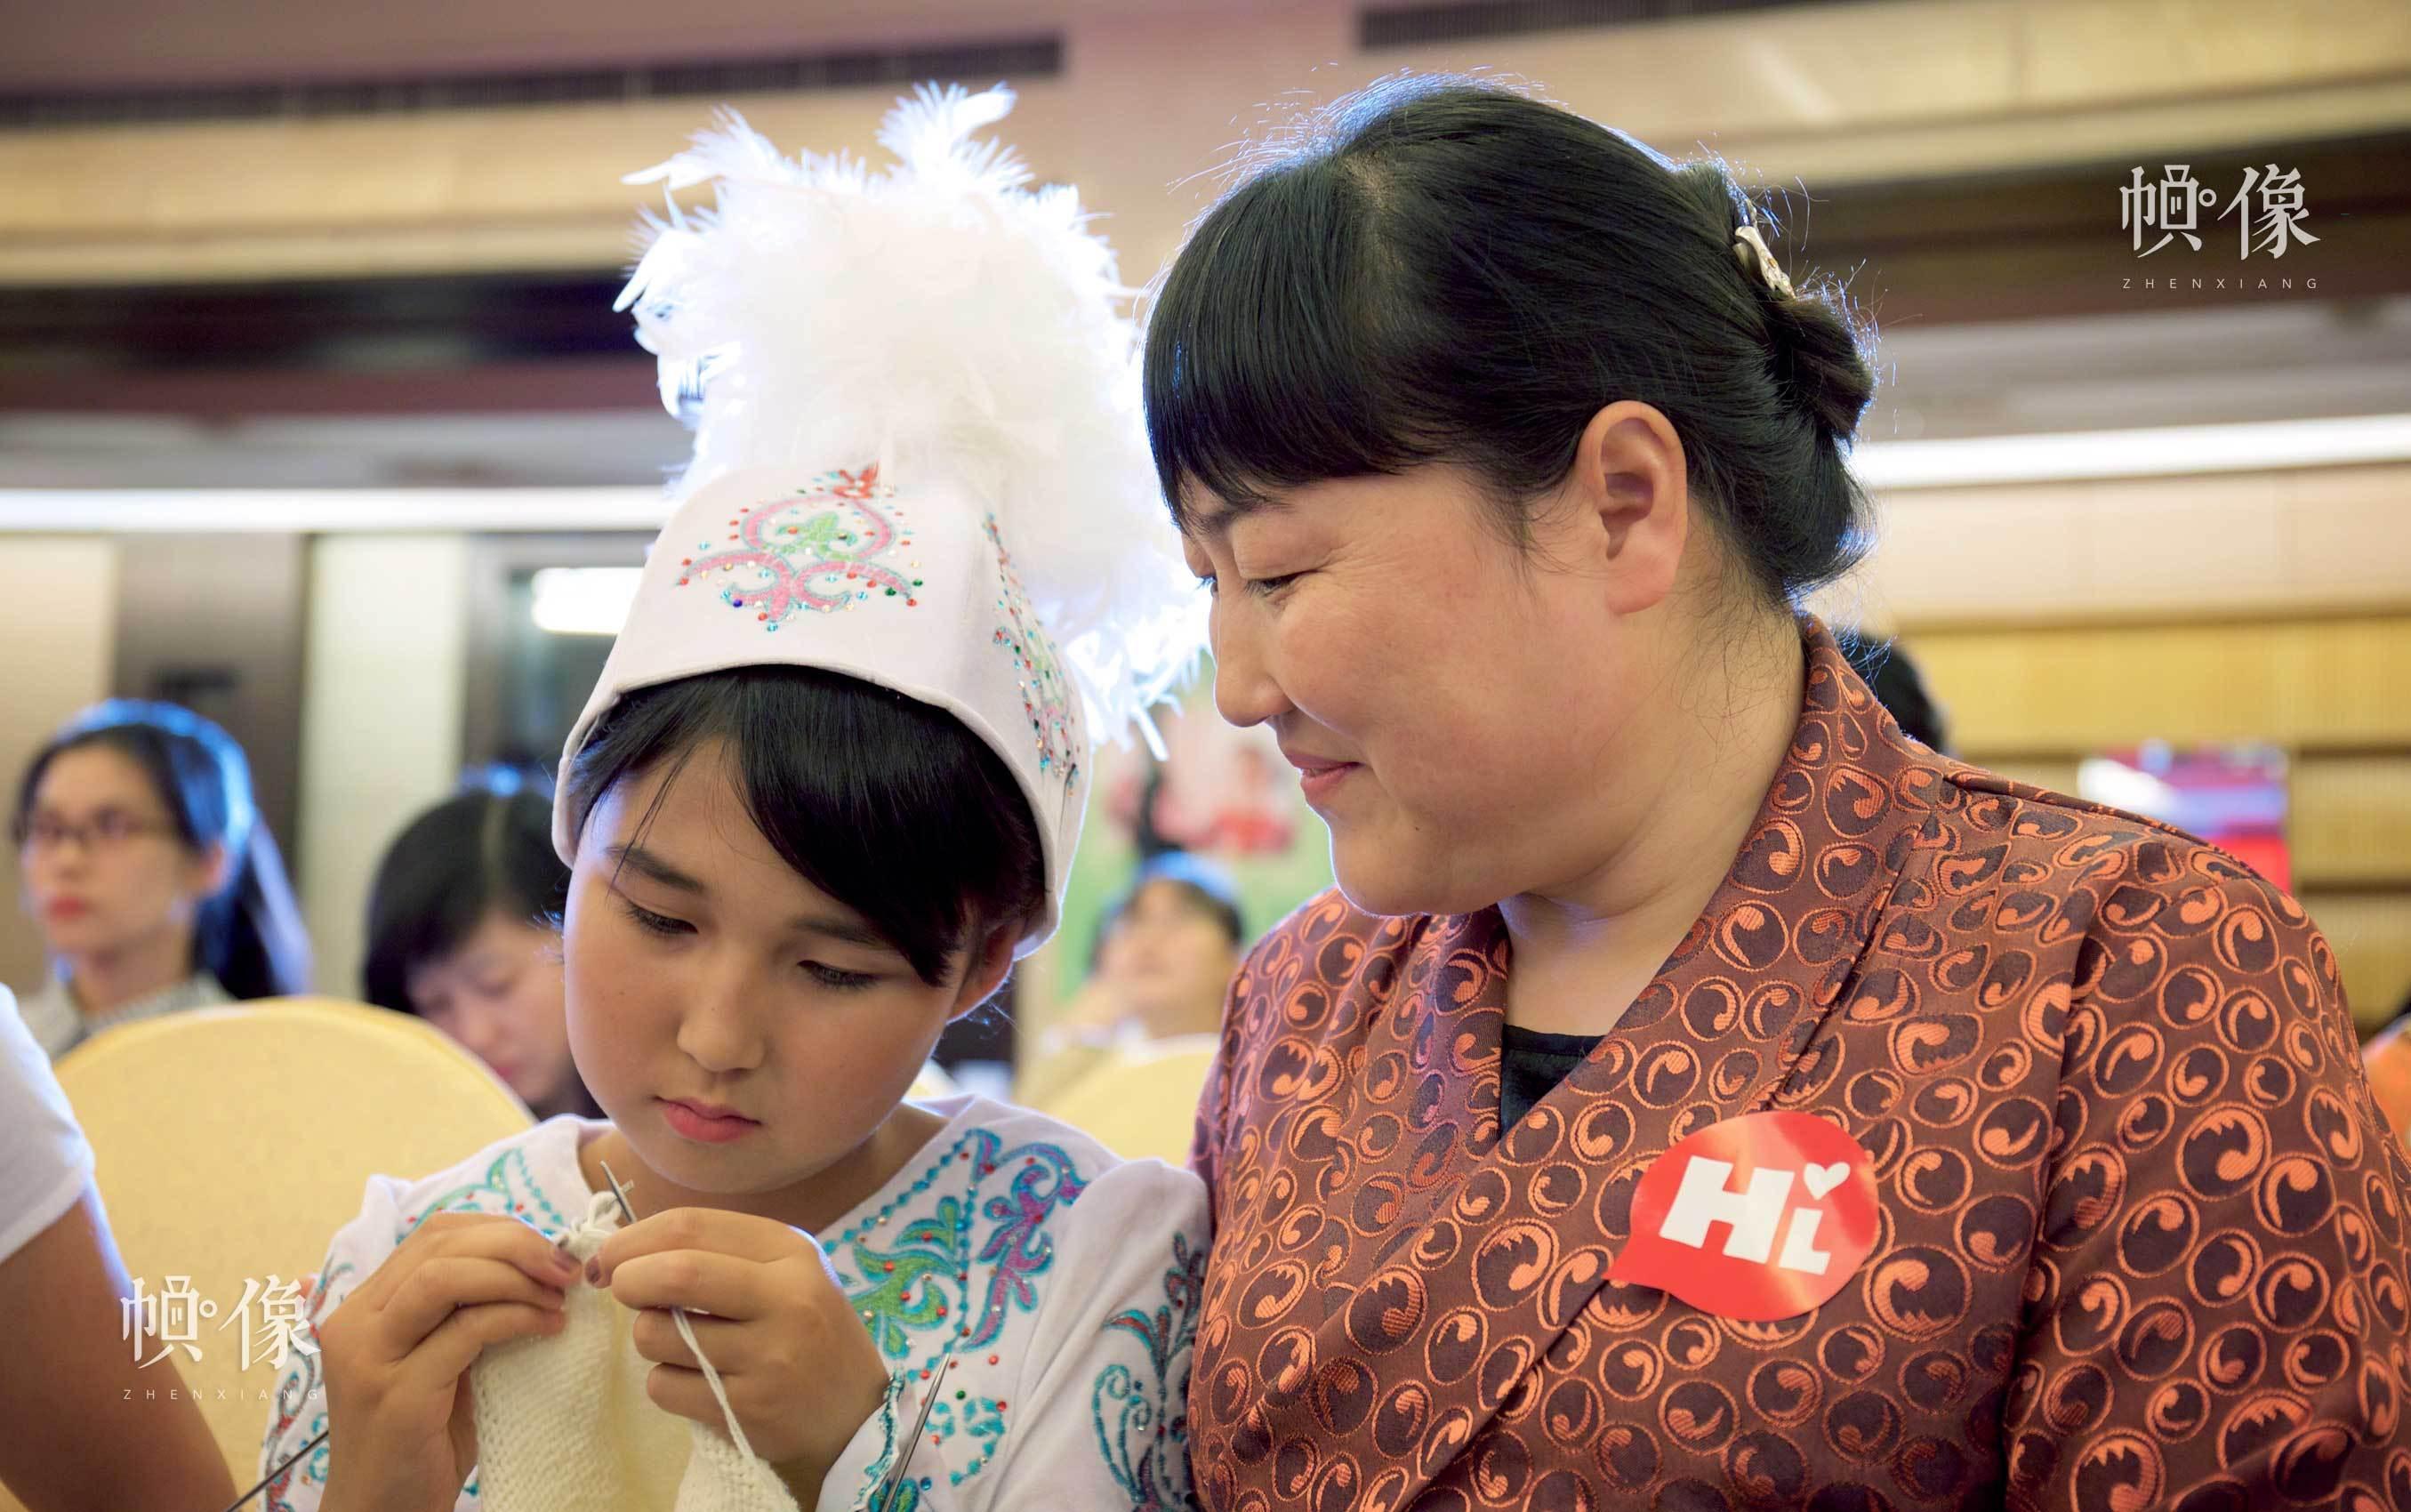 2017年8月28日,一位爱心妈妈正在和受助儿童互动织毛衣。中国网实习记者 李欣颖 摄